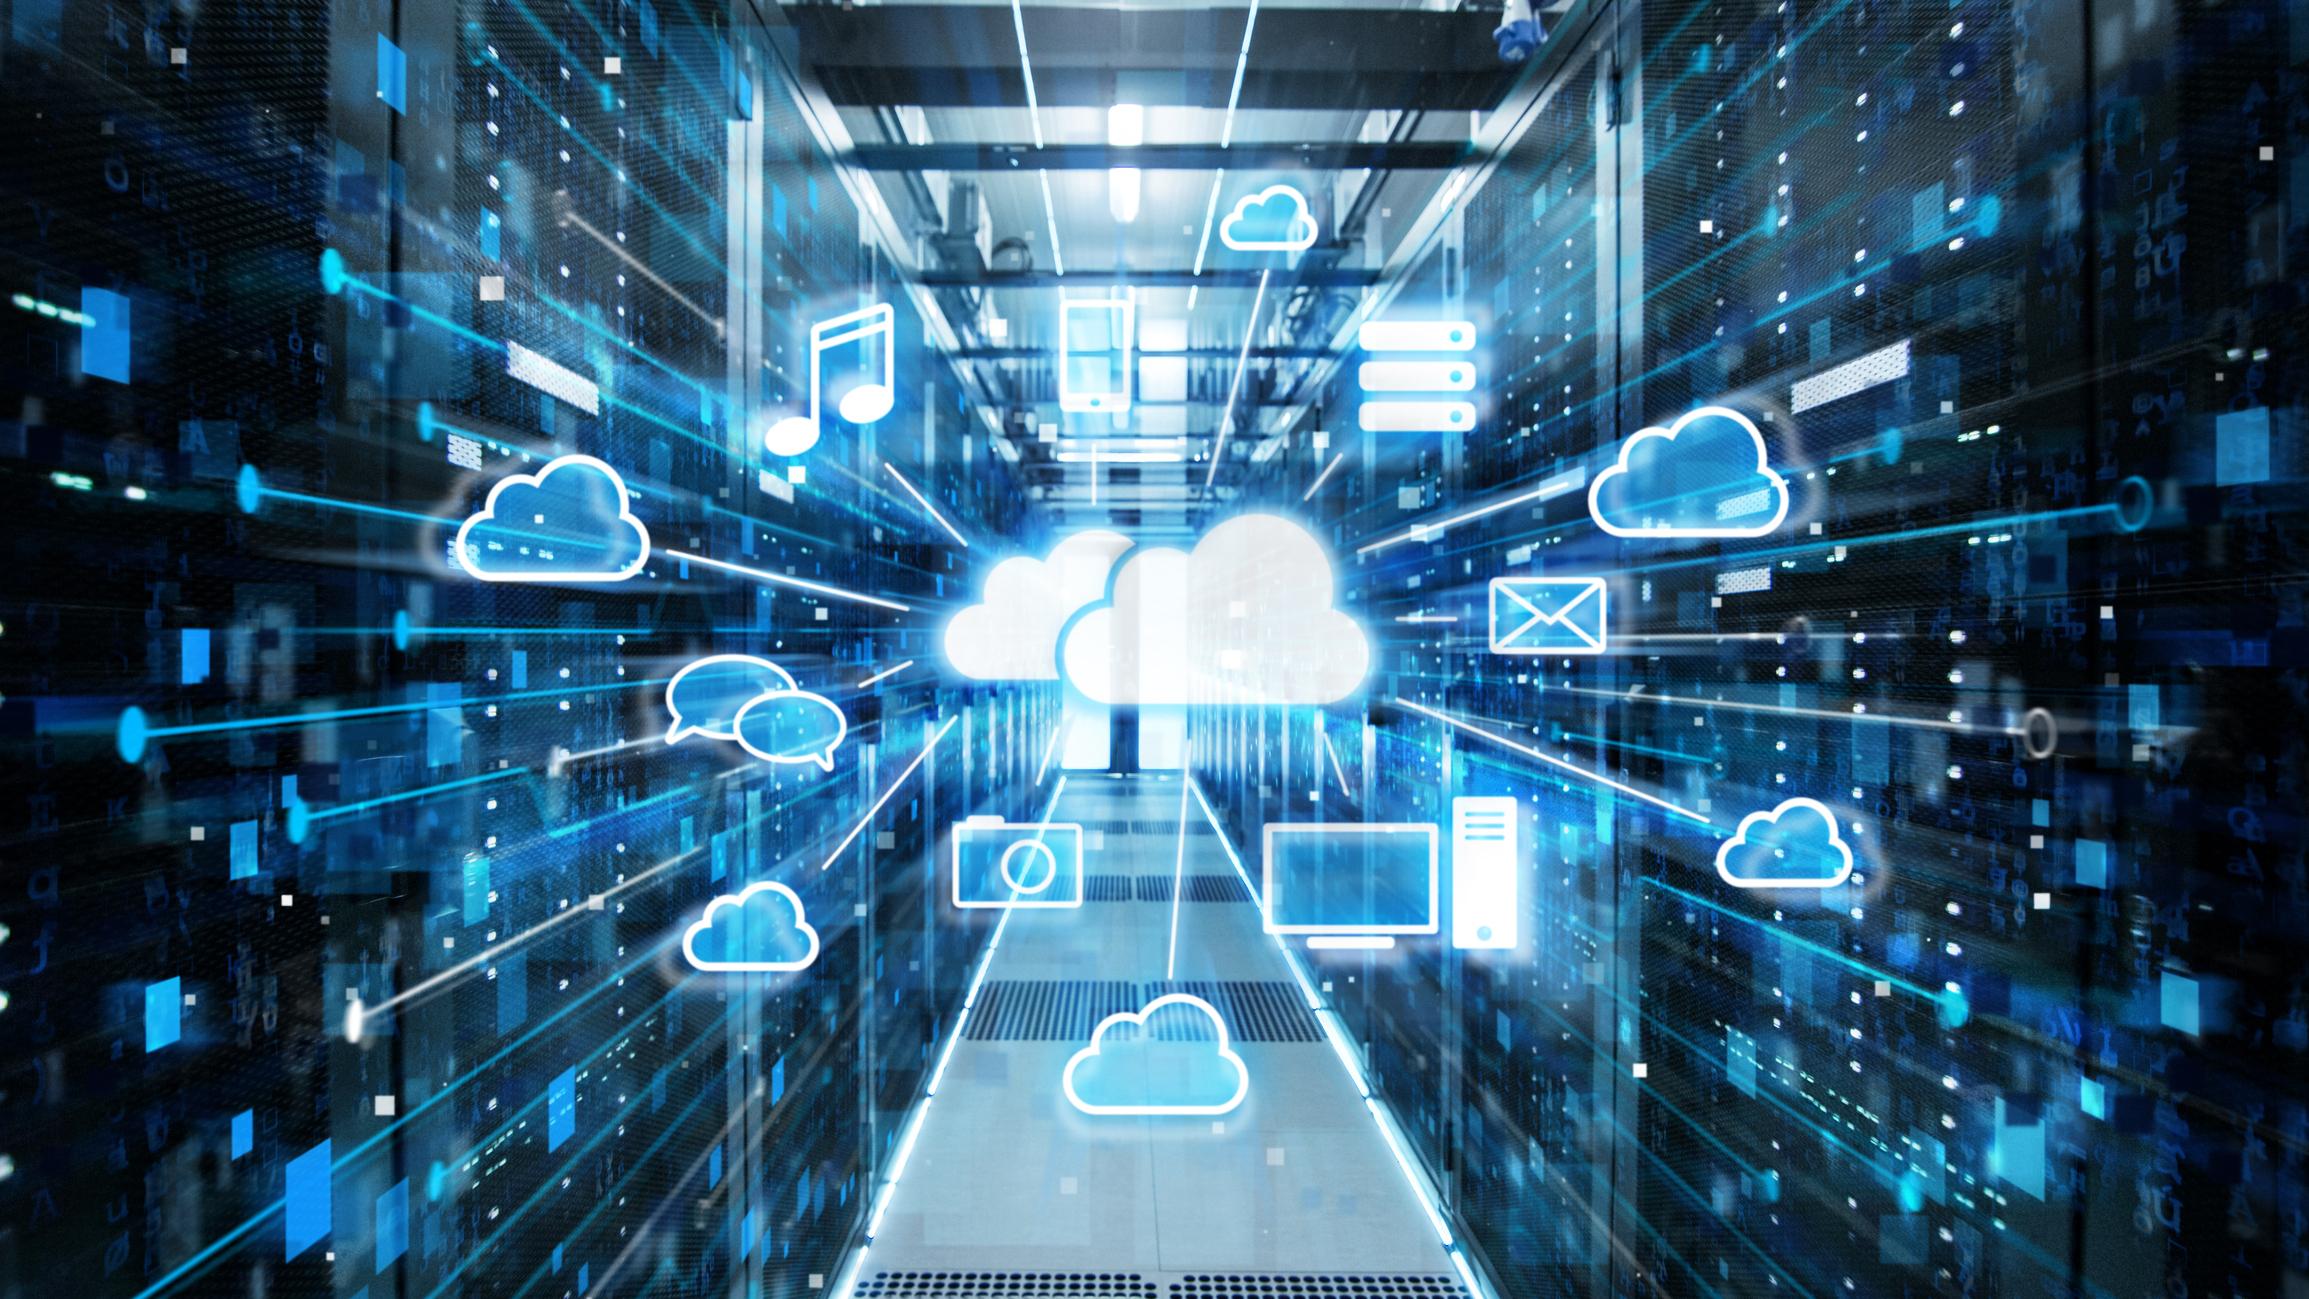 An illustration of a cloud data center.